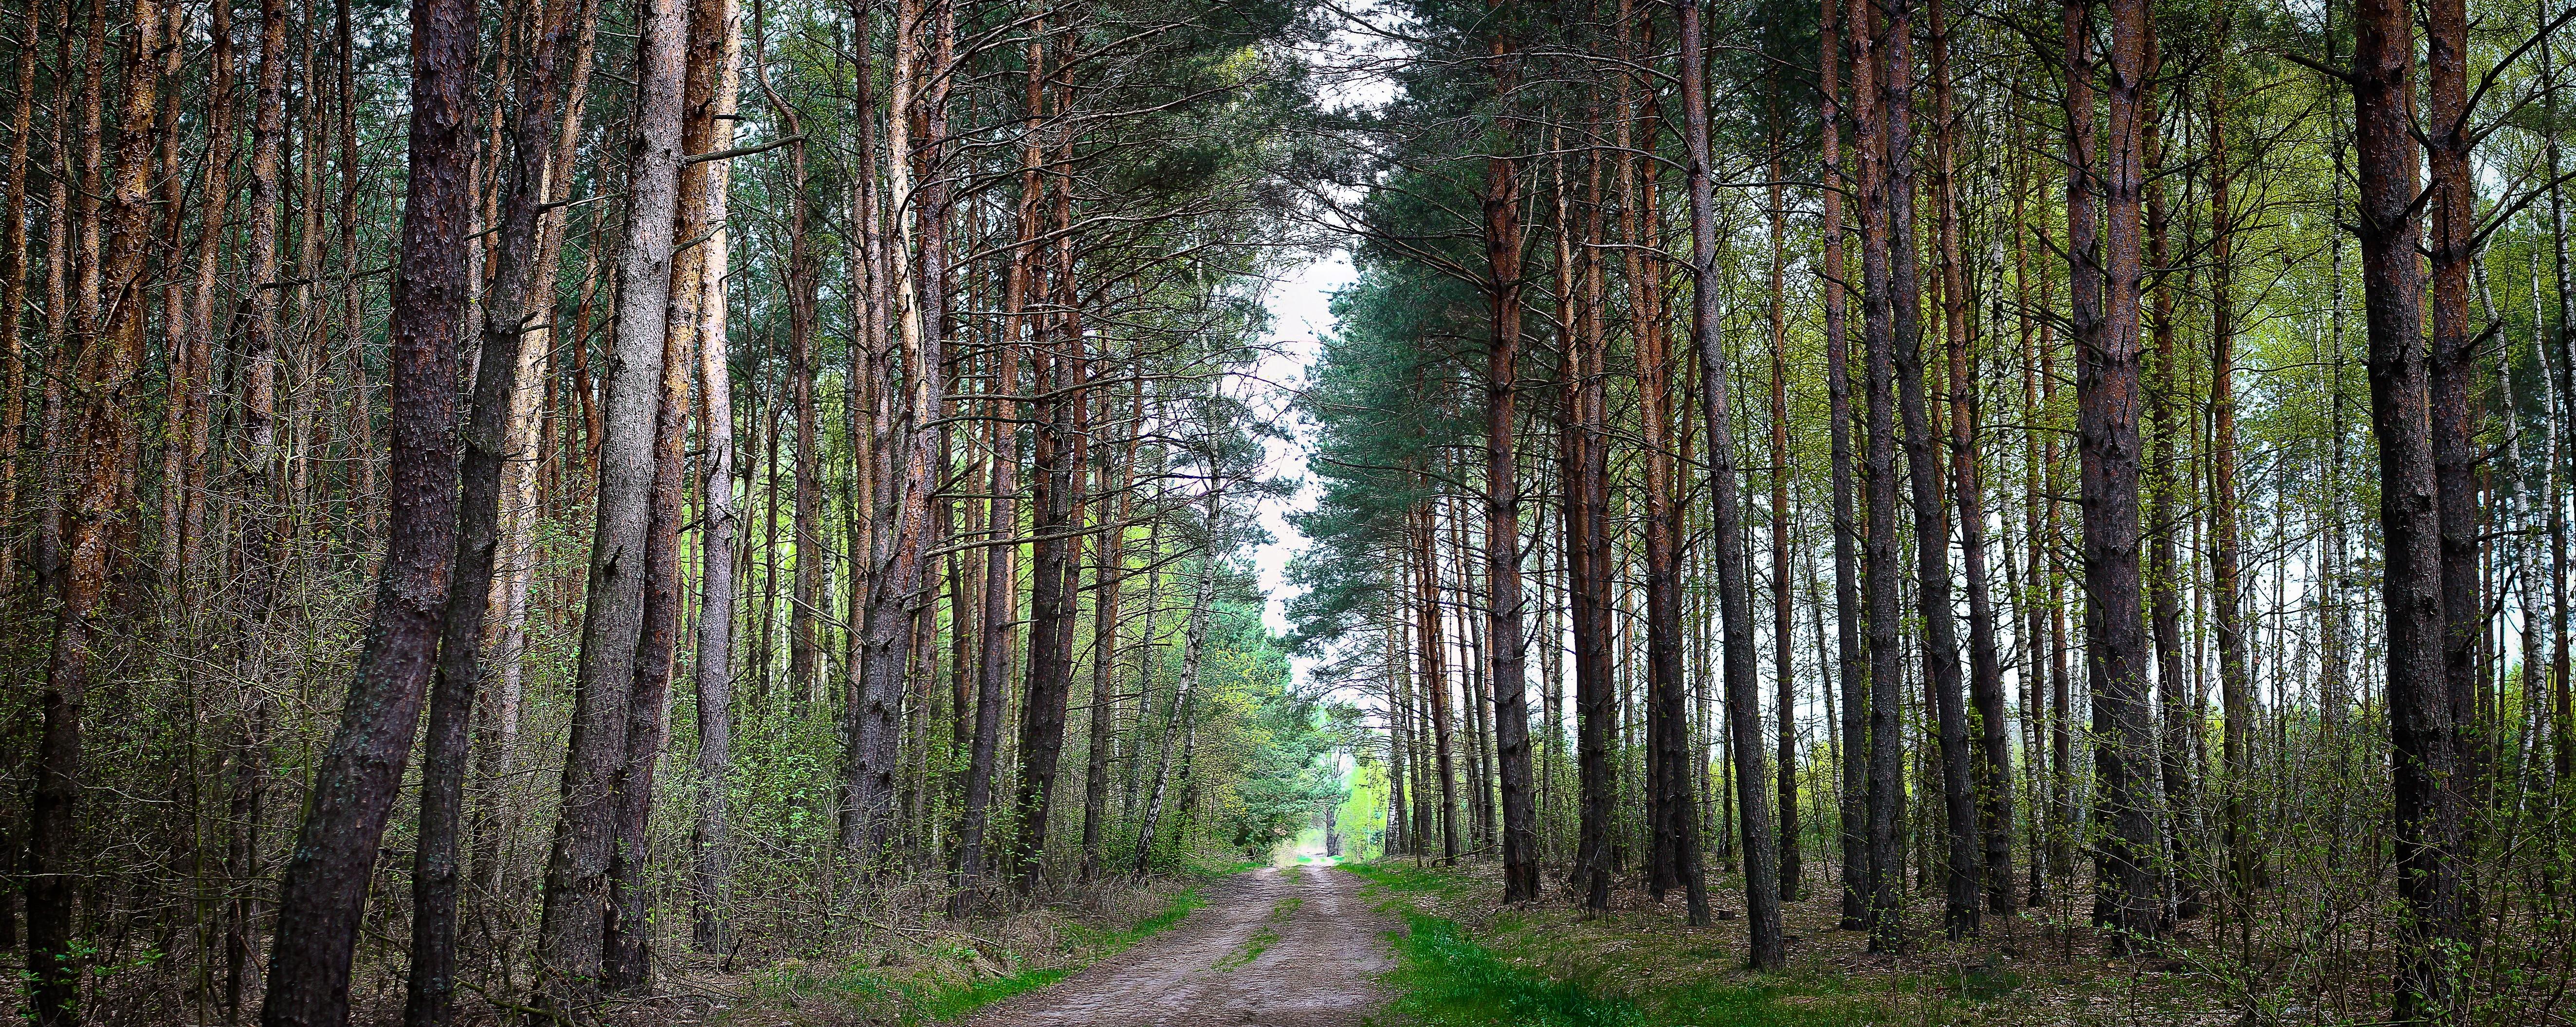 Скачать картинку Пейзаж, Лес, Природа, Дорога в телефон бесплатно.